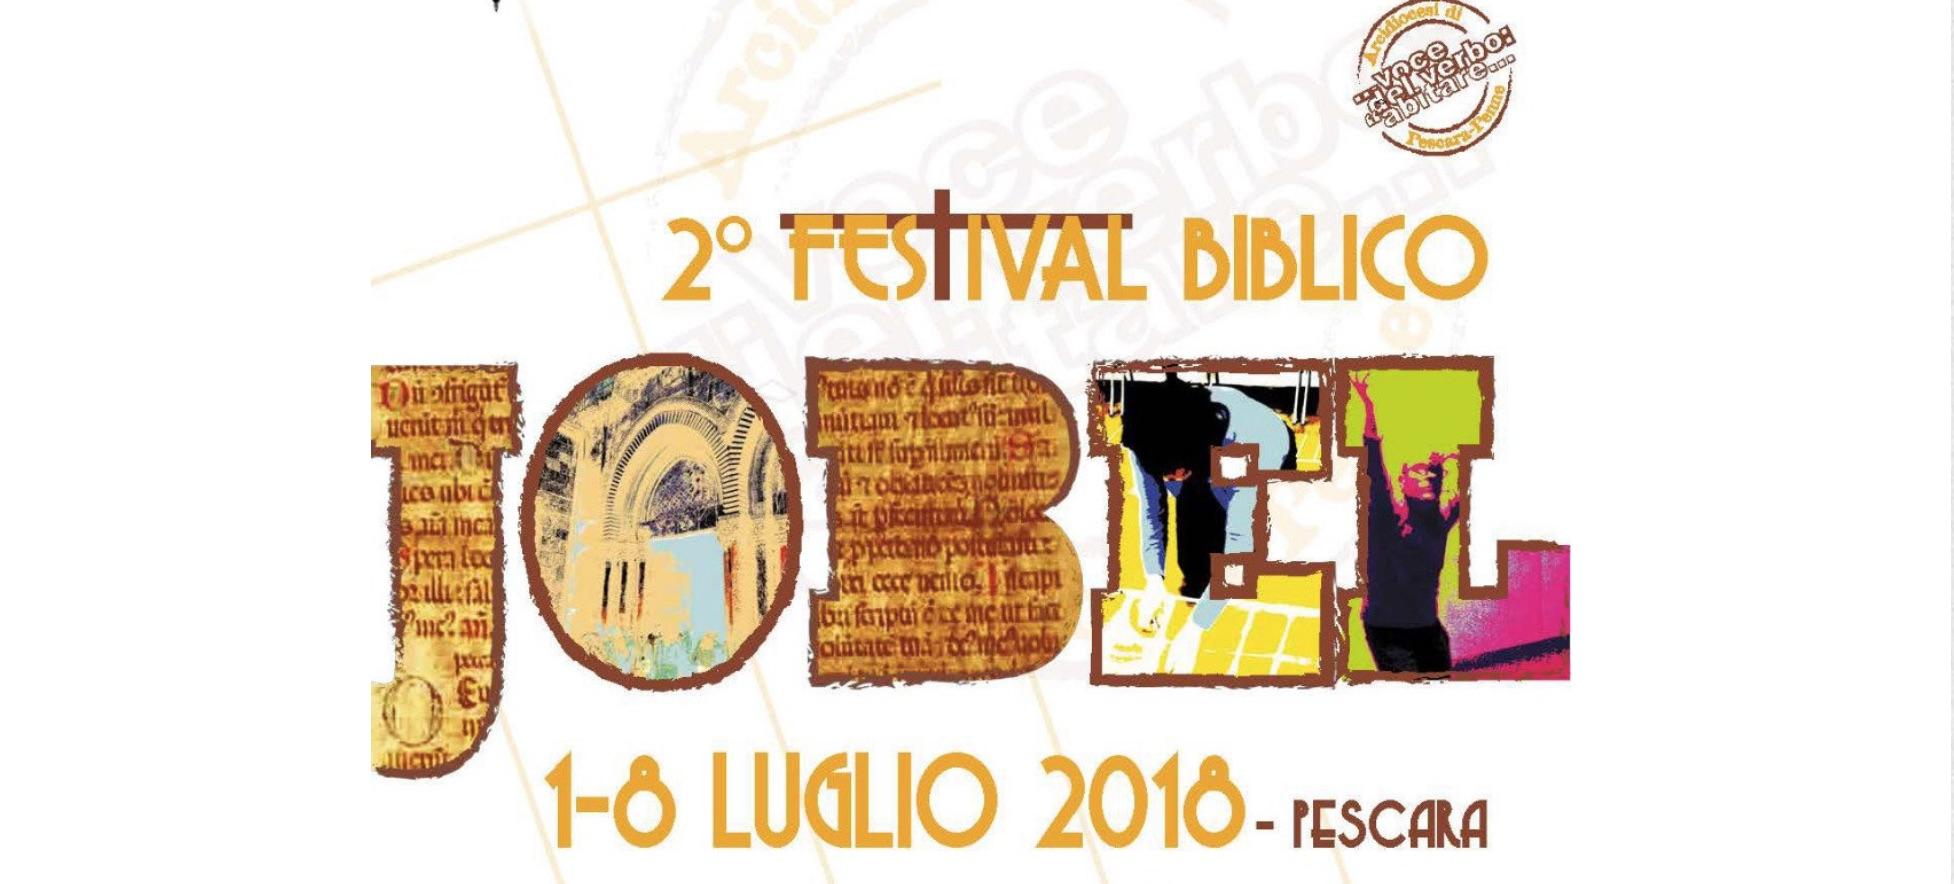 Jobel, festival biblico